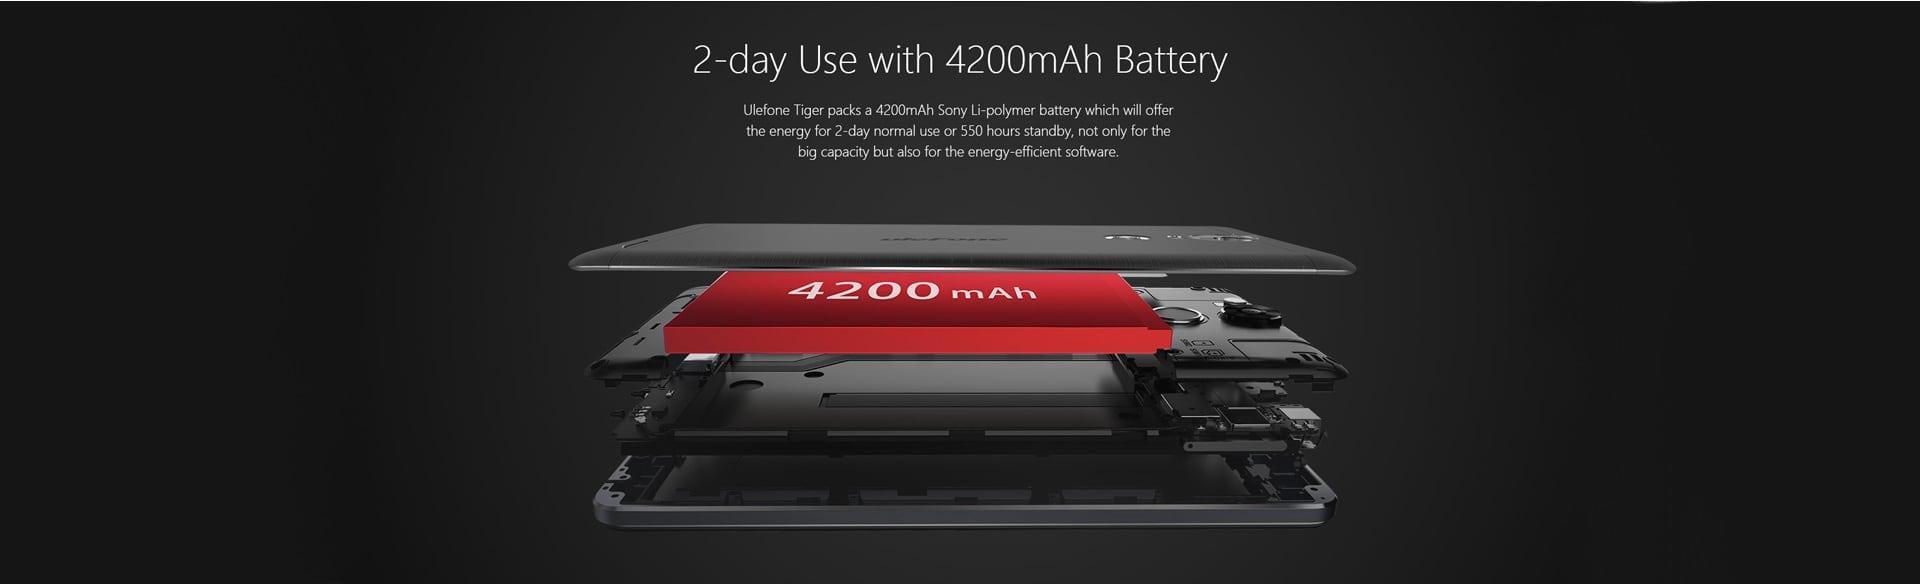 Ulefone Tiger battery